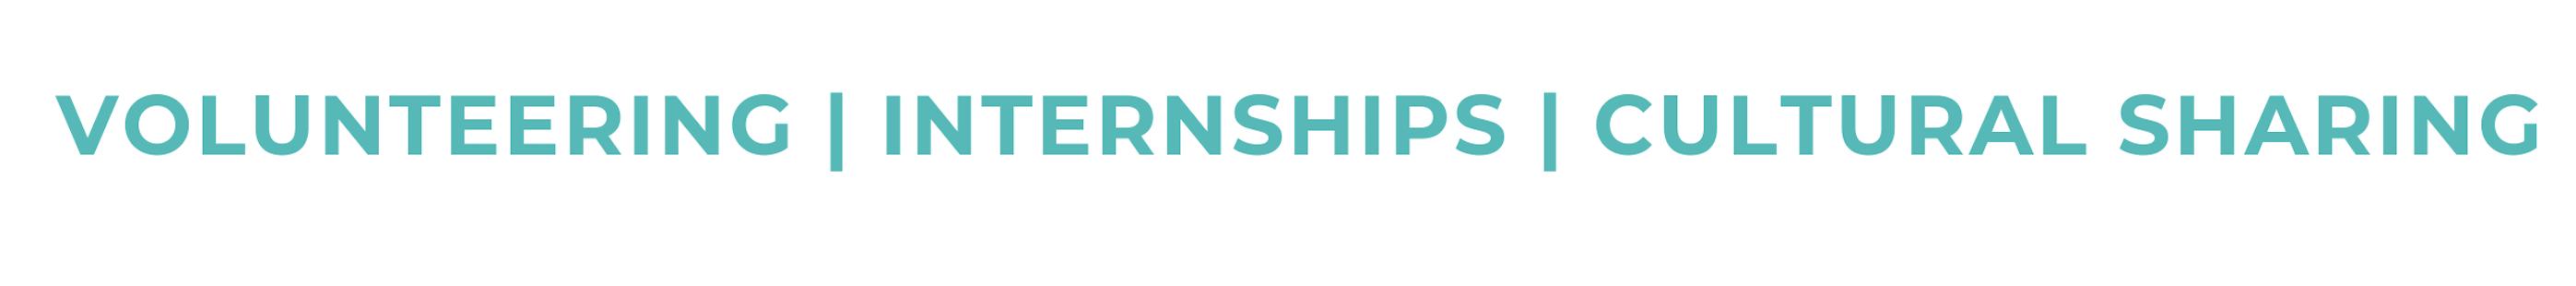 Volunteering | internships | cultural sharing at inter cultural education